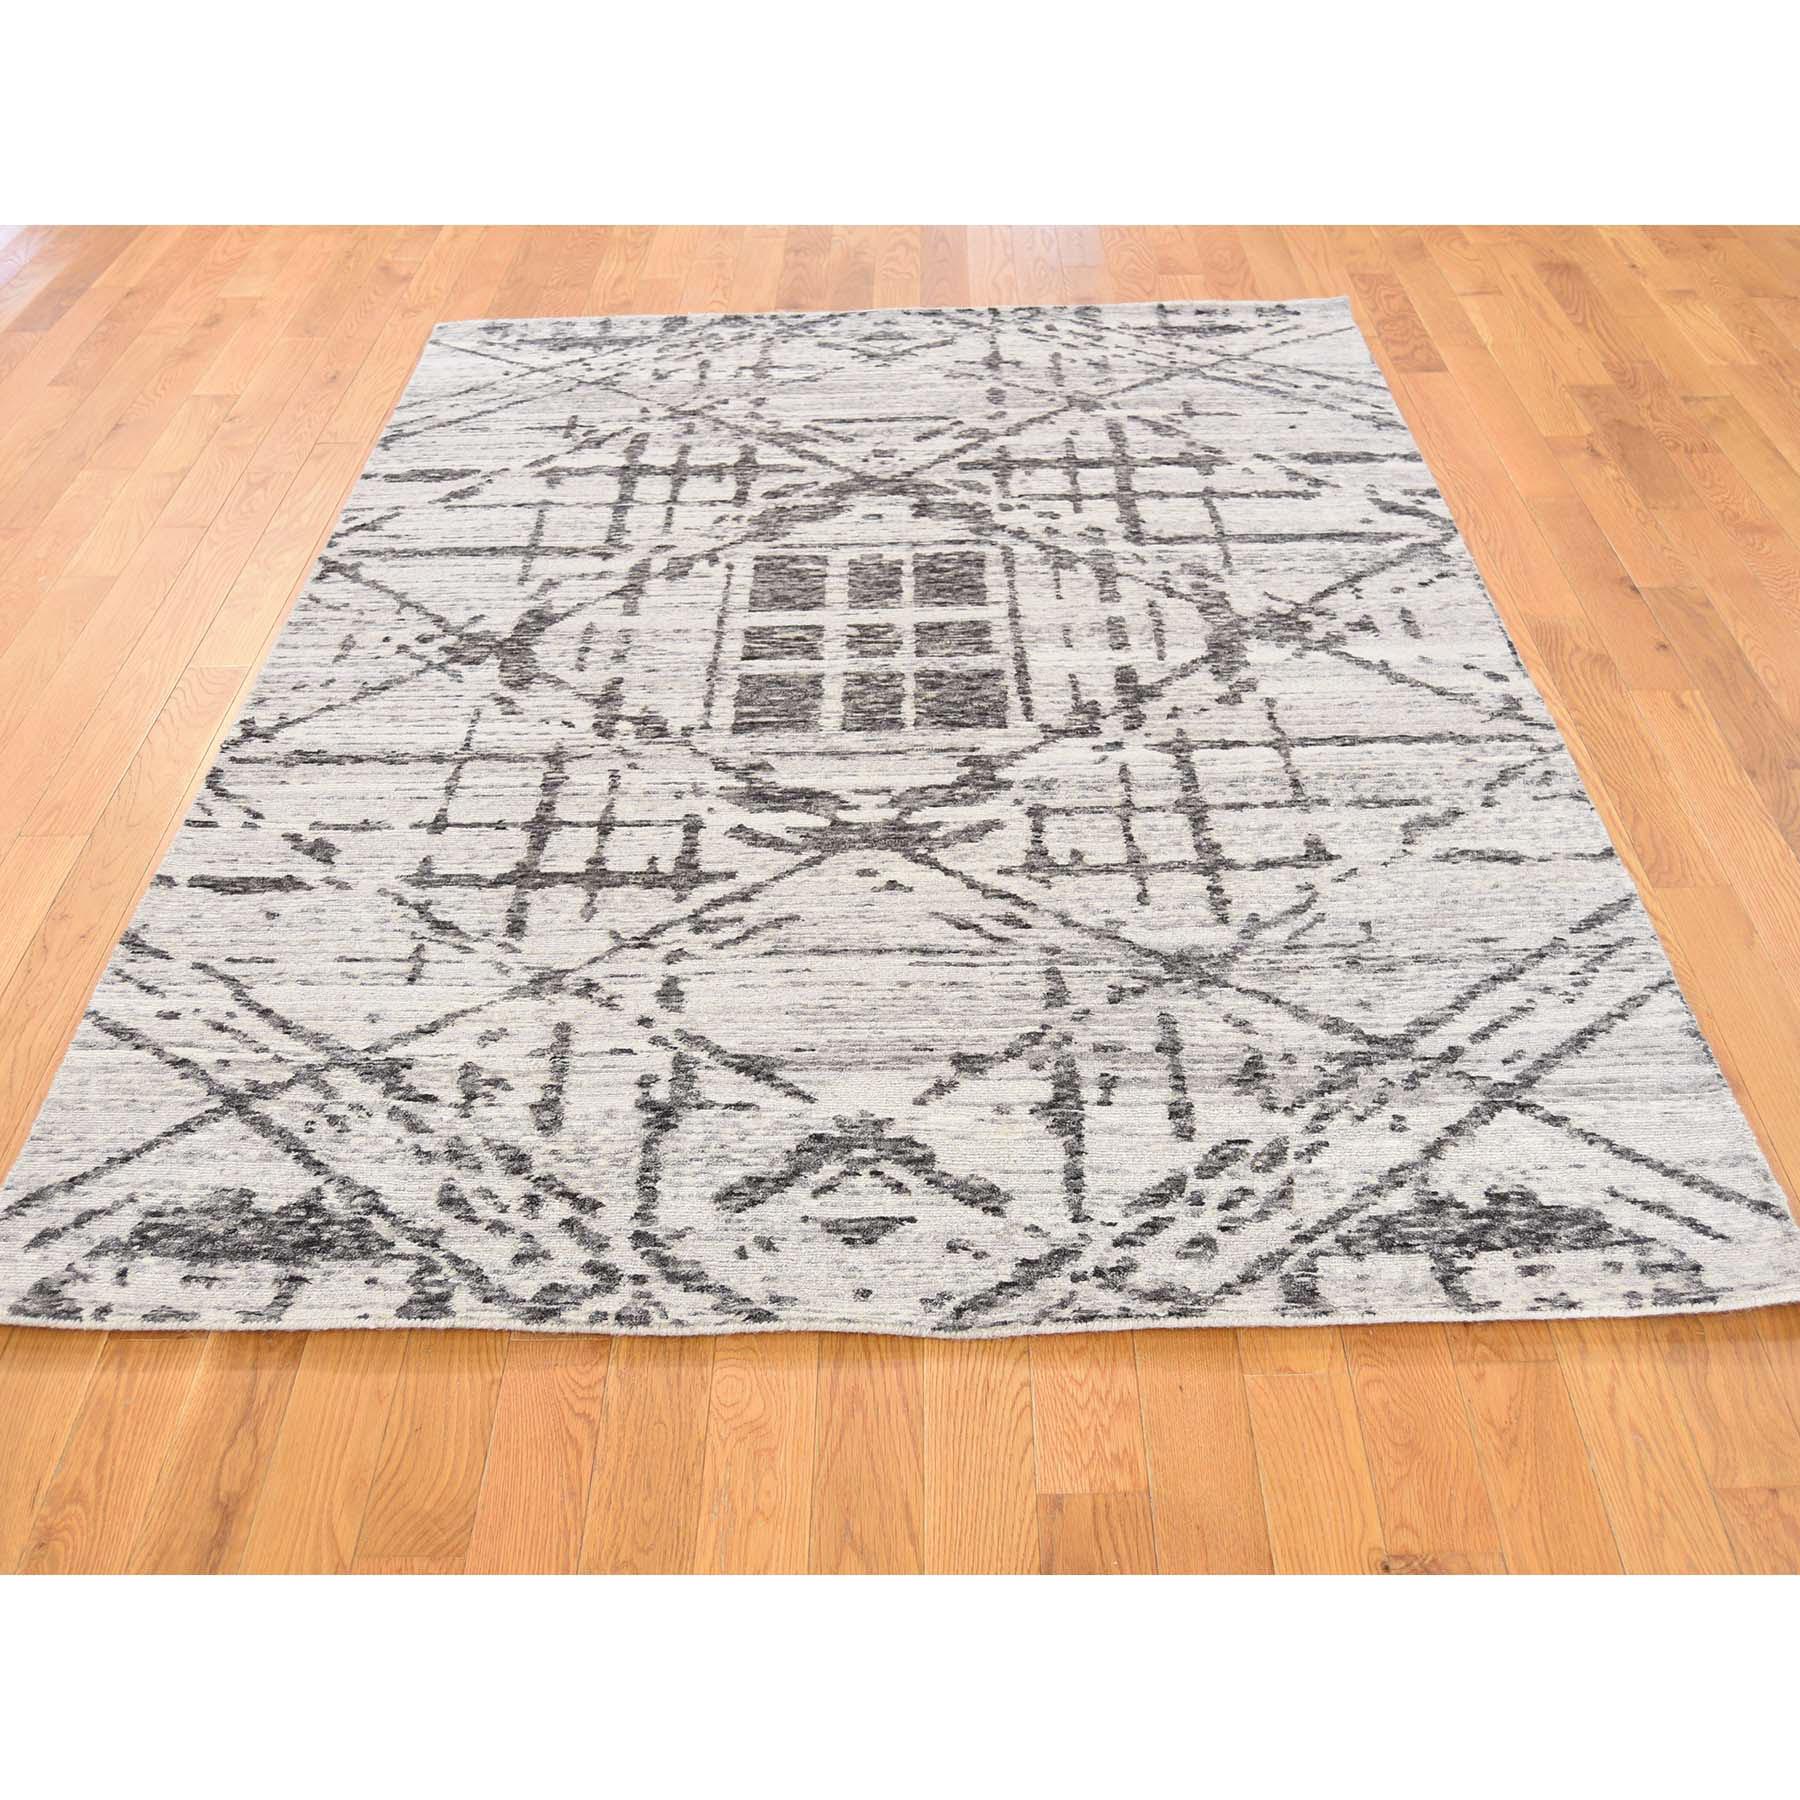 5 X7 Hand Spun Undyed Natural Wool Modern Grey Oriental Rug